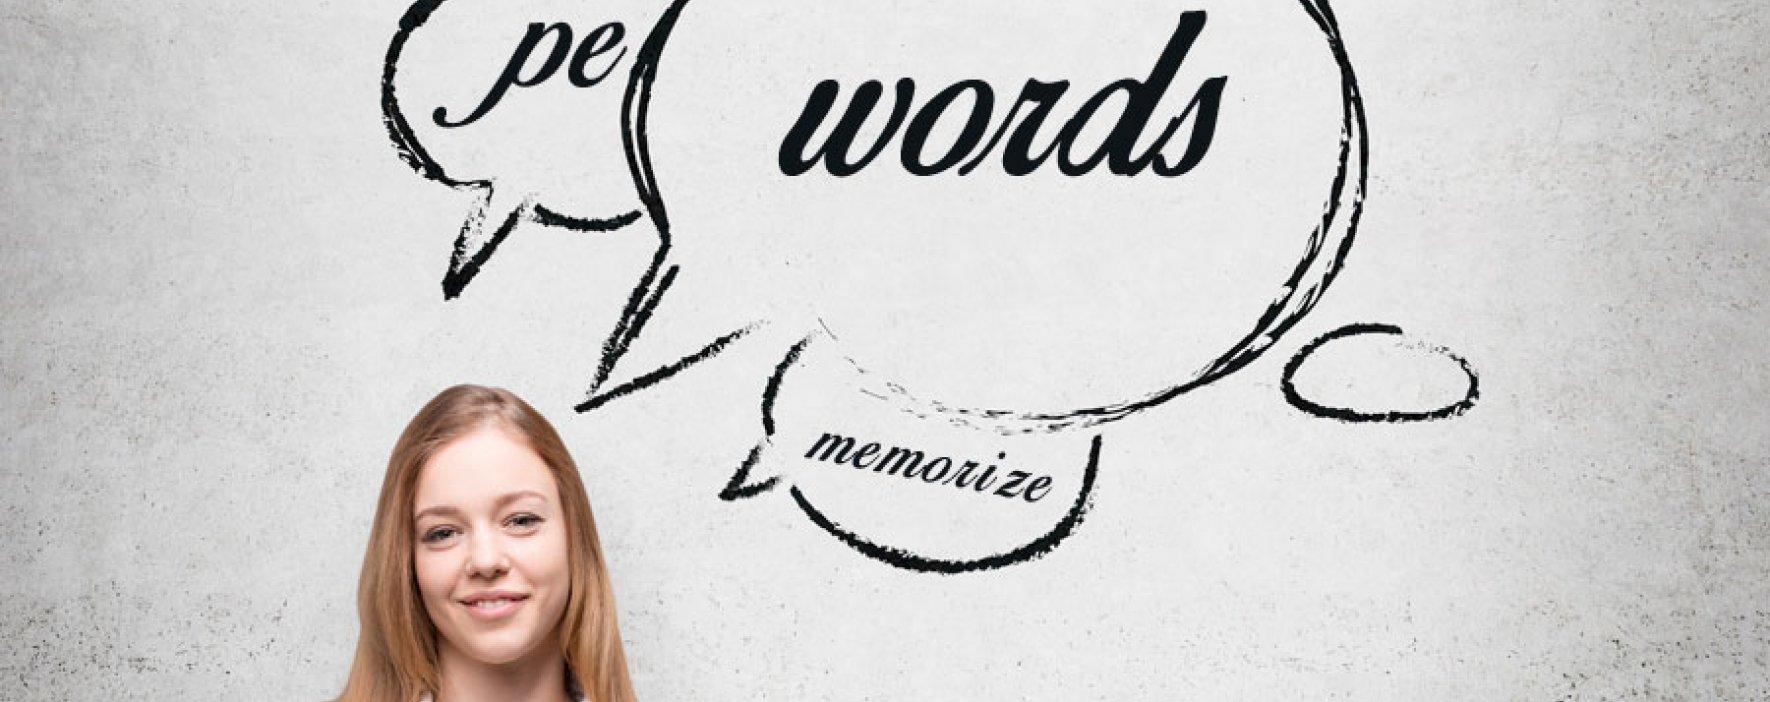 Trucos para memorizar palabras y frases en inglés